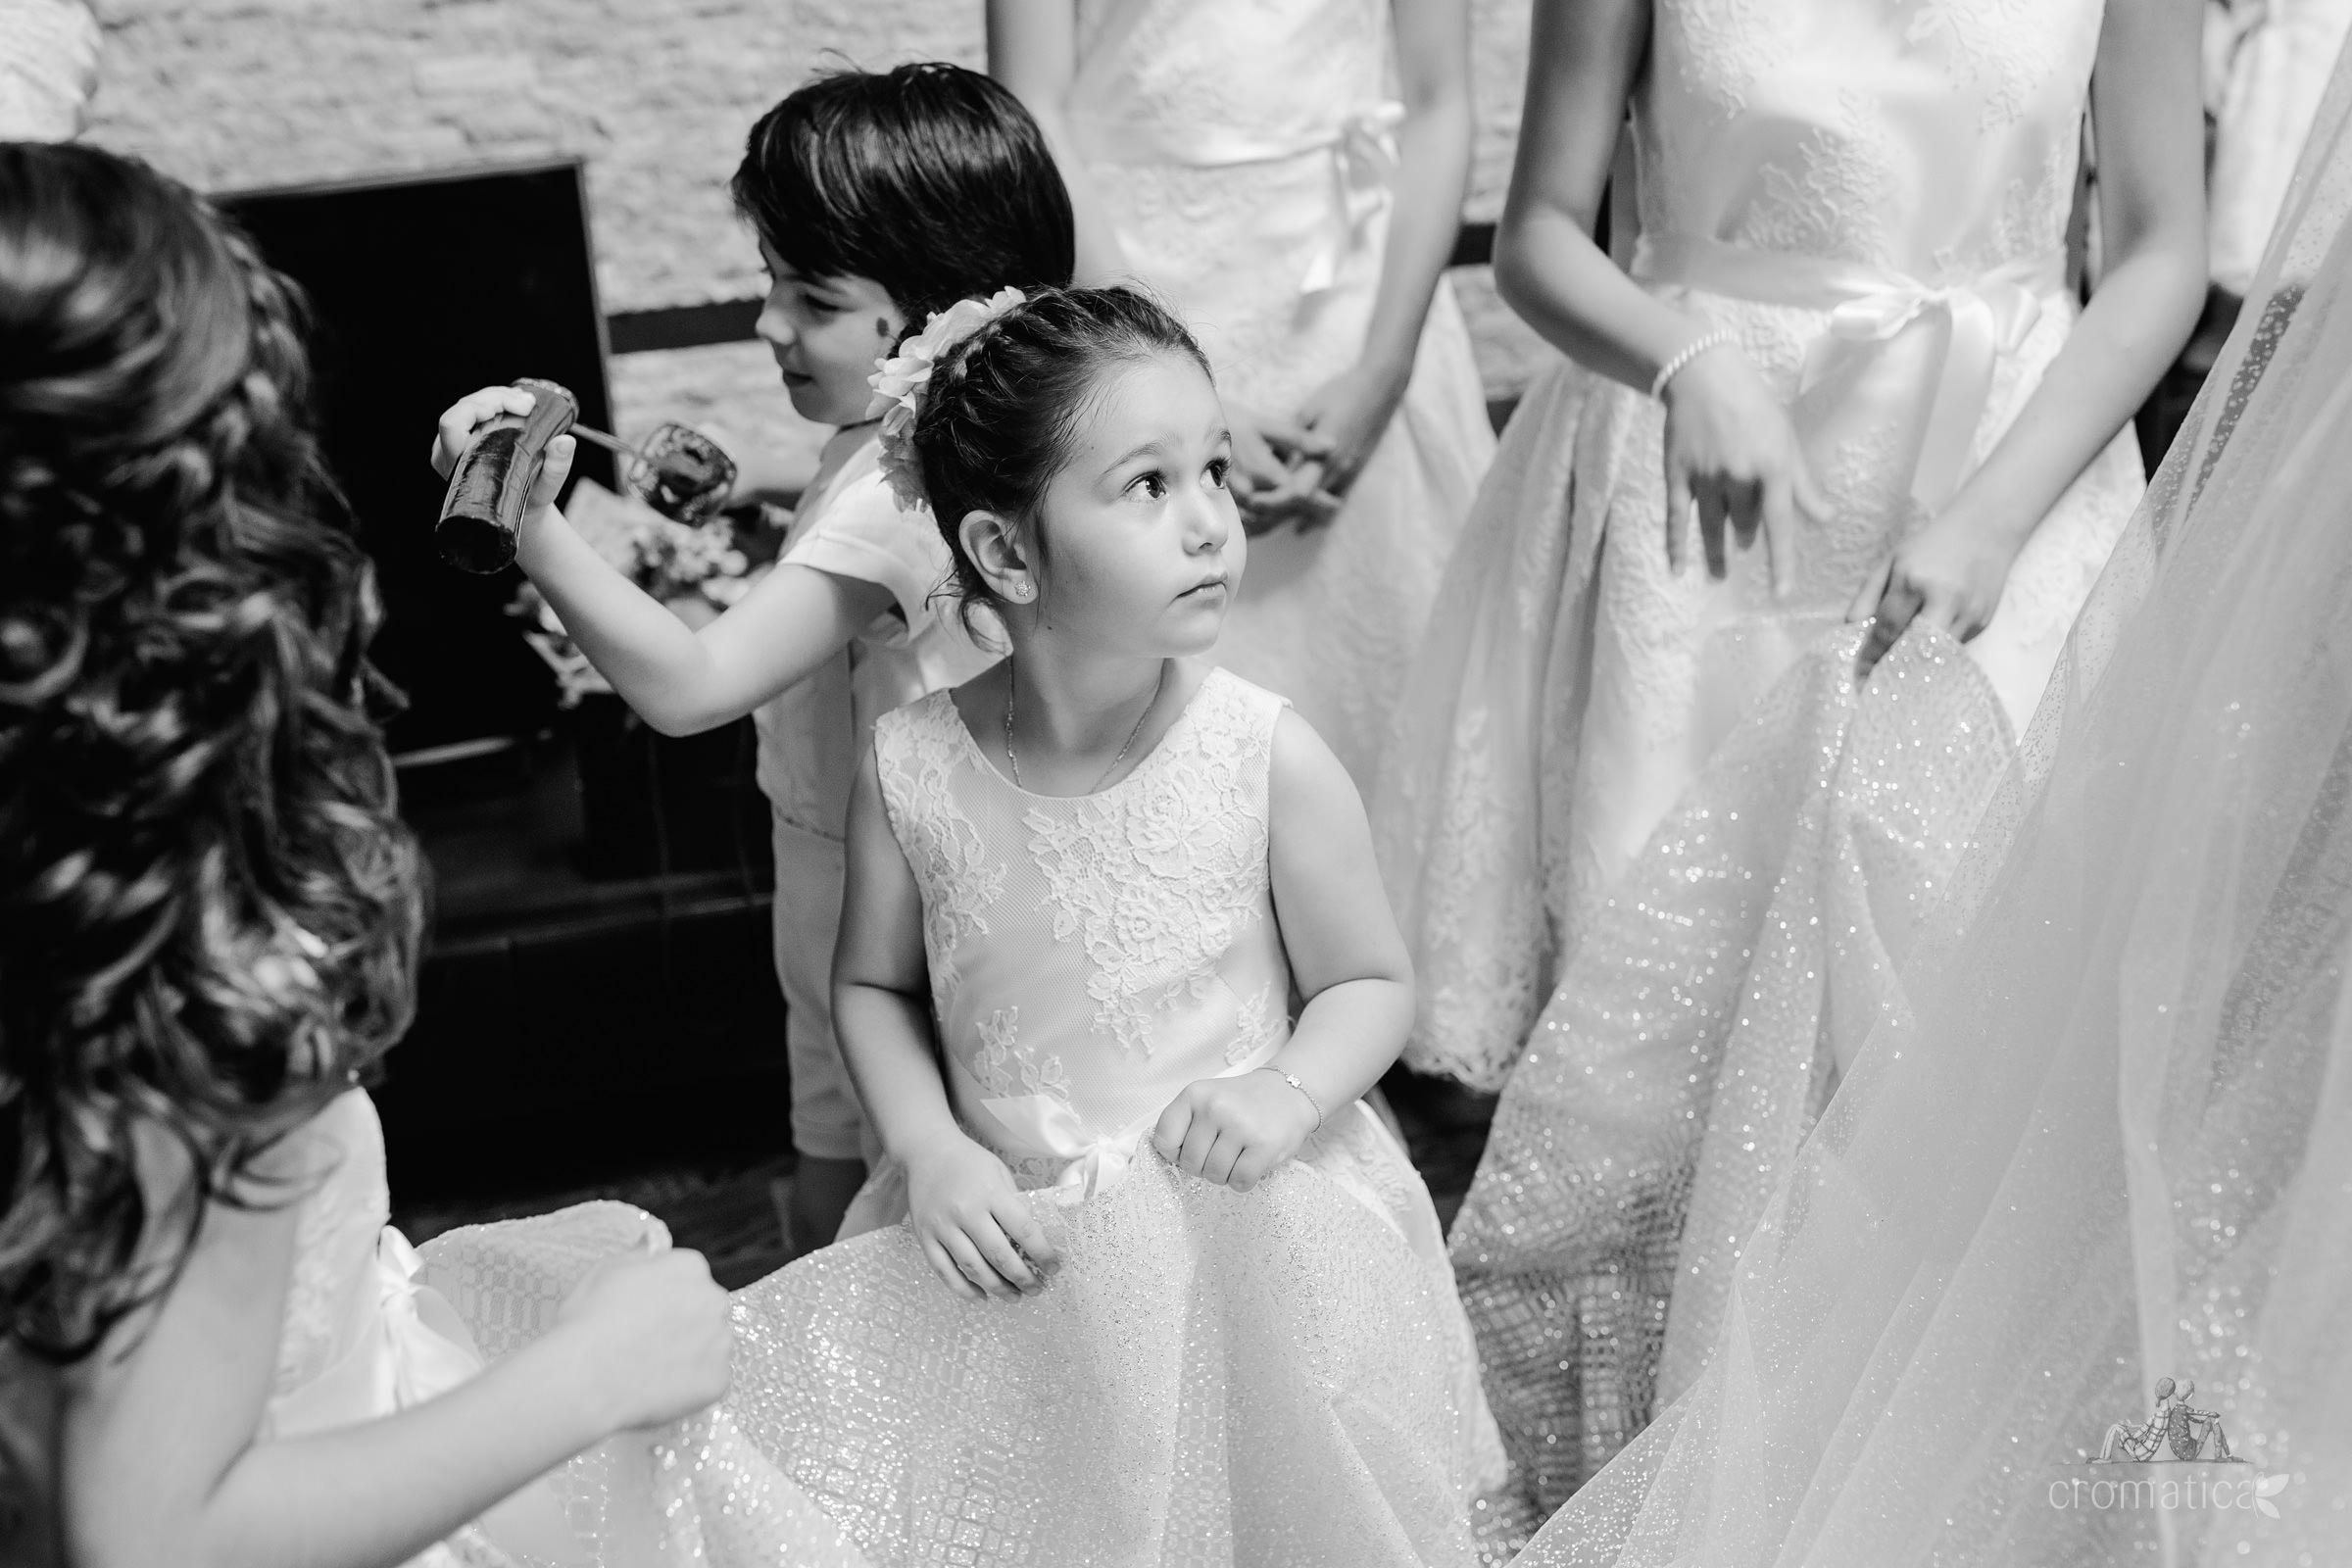 oana alex fotografii nunta rm valcea 014